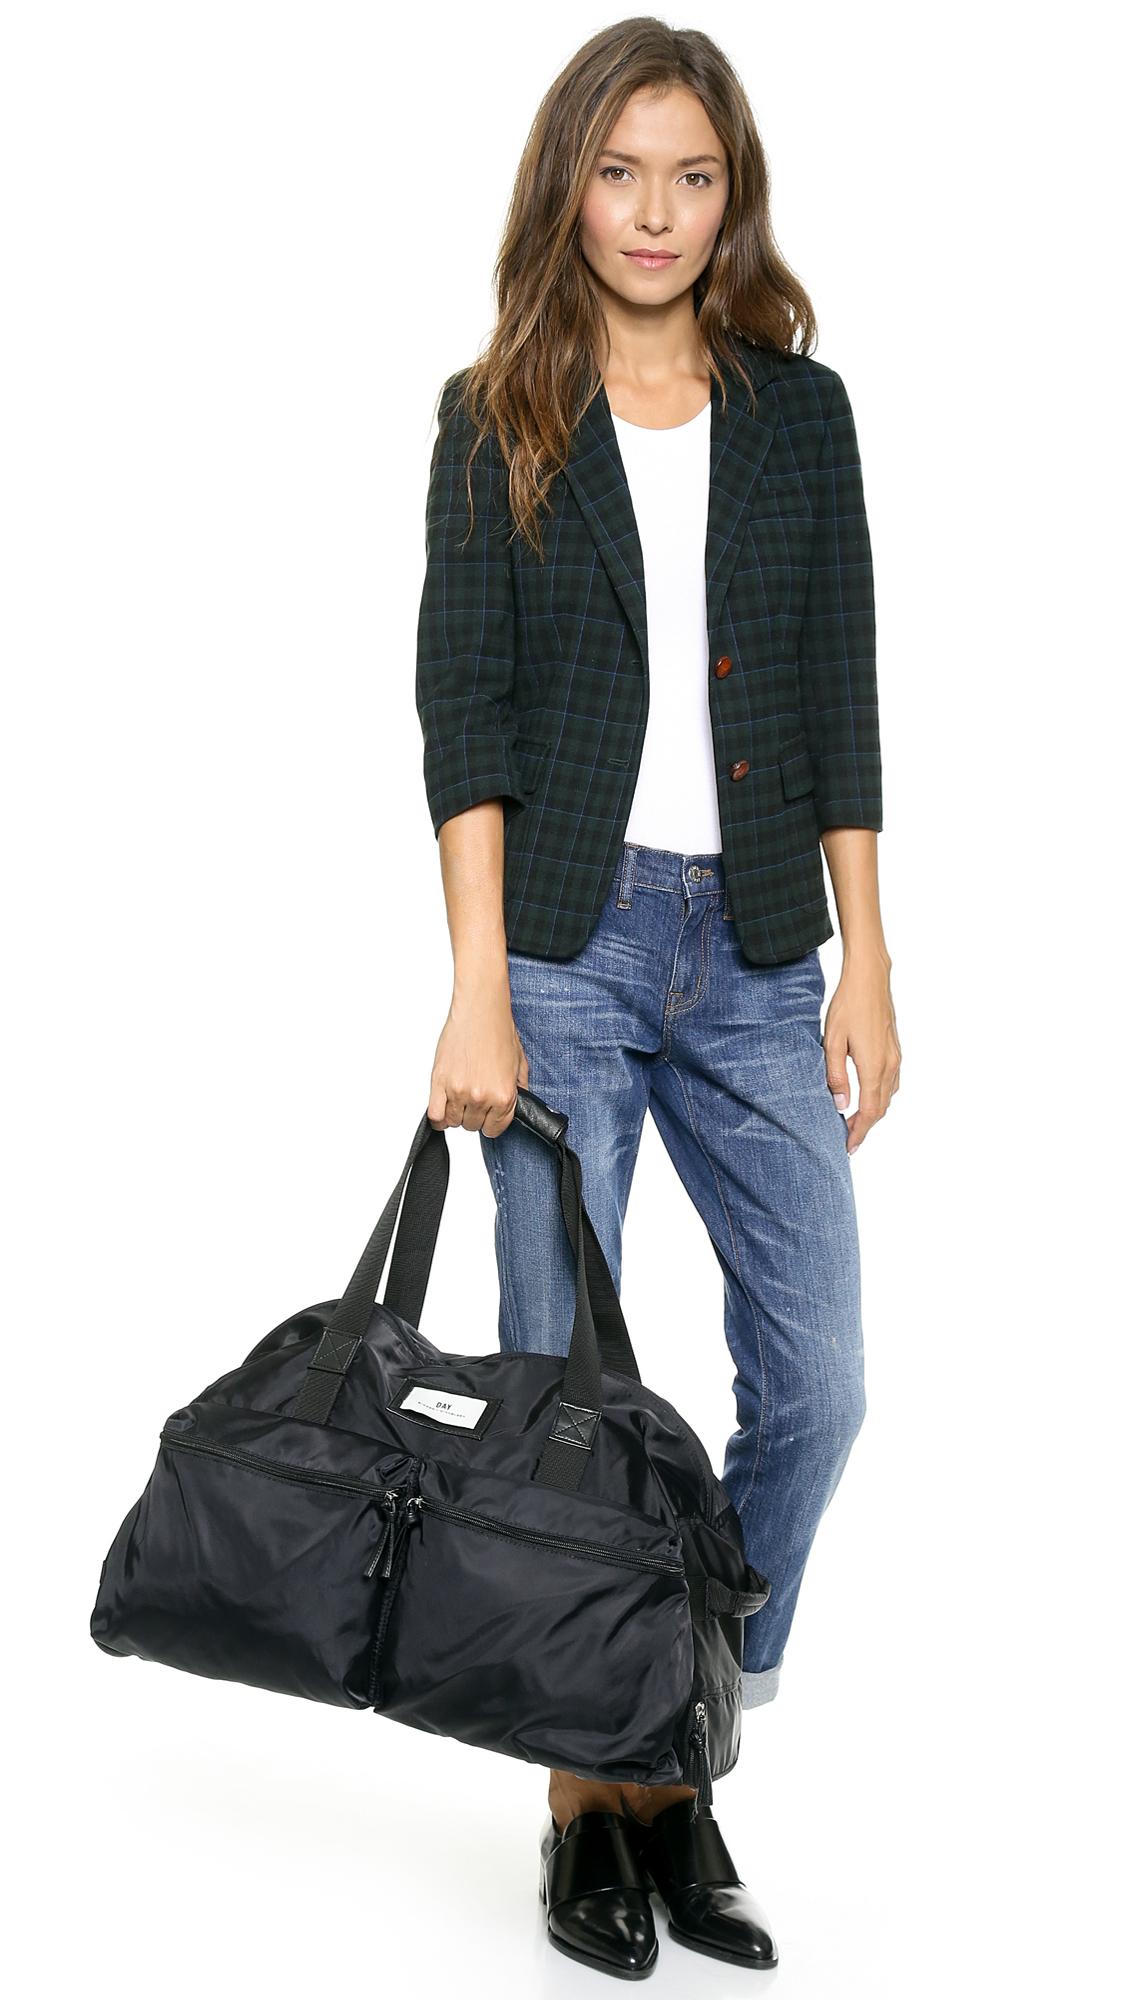 Day birger et mikkelsen Day Gweneth Travel Bag Black in Black | Lyst